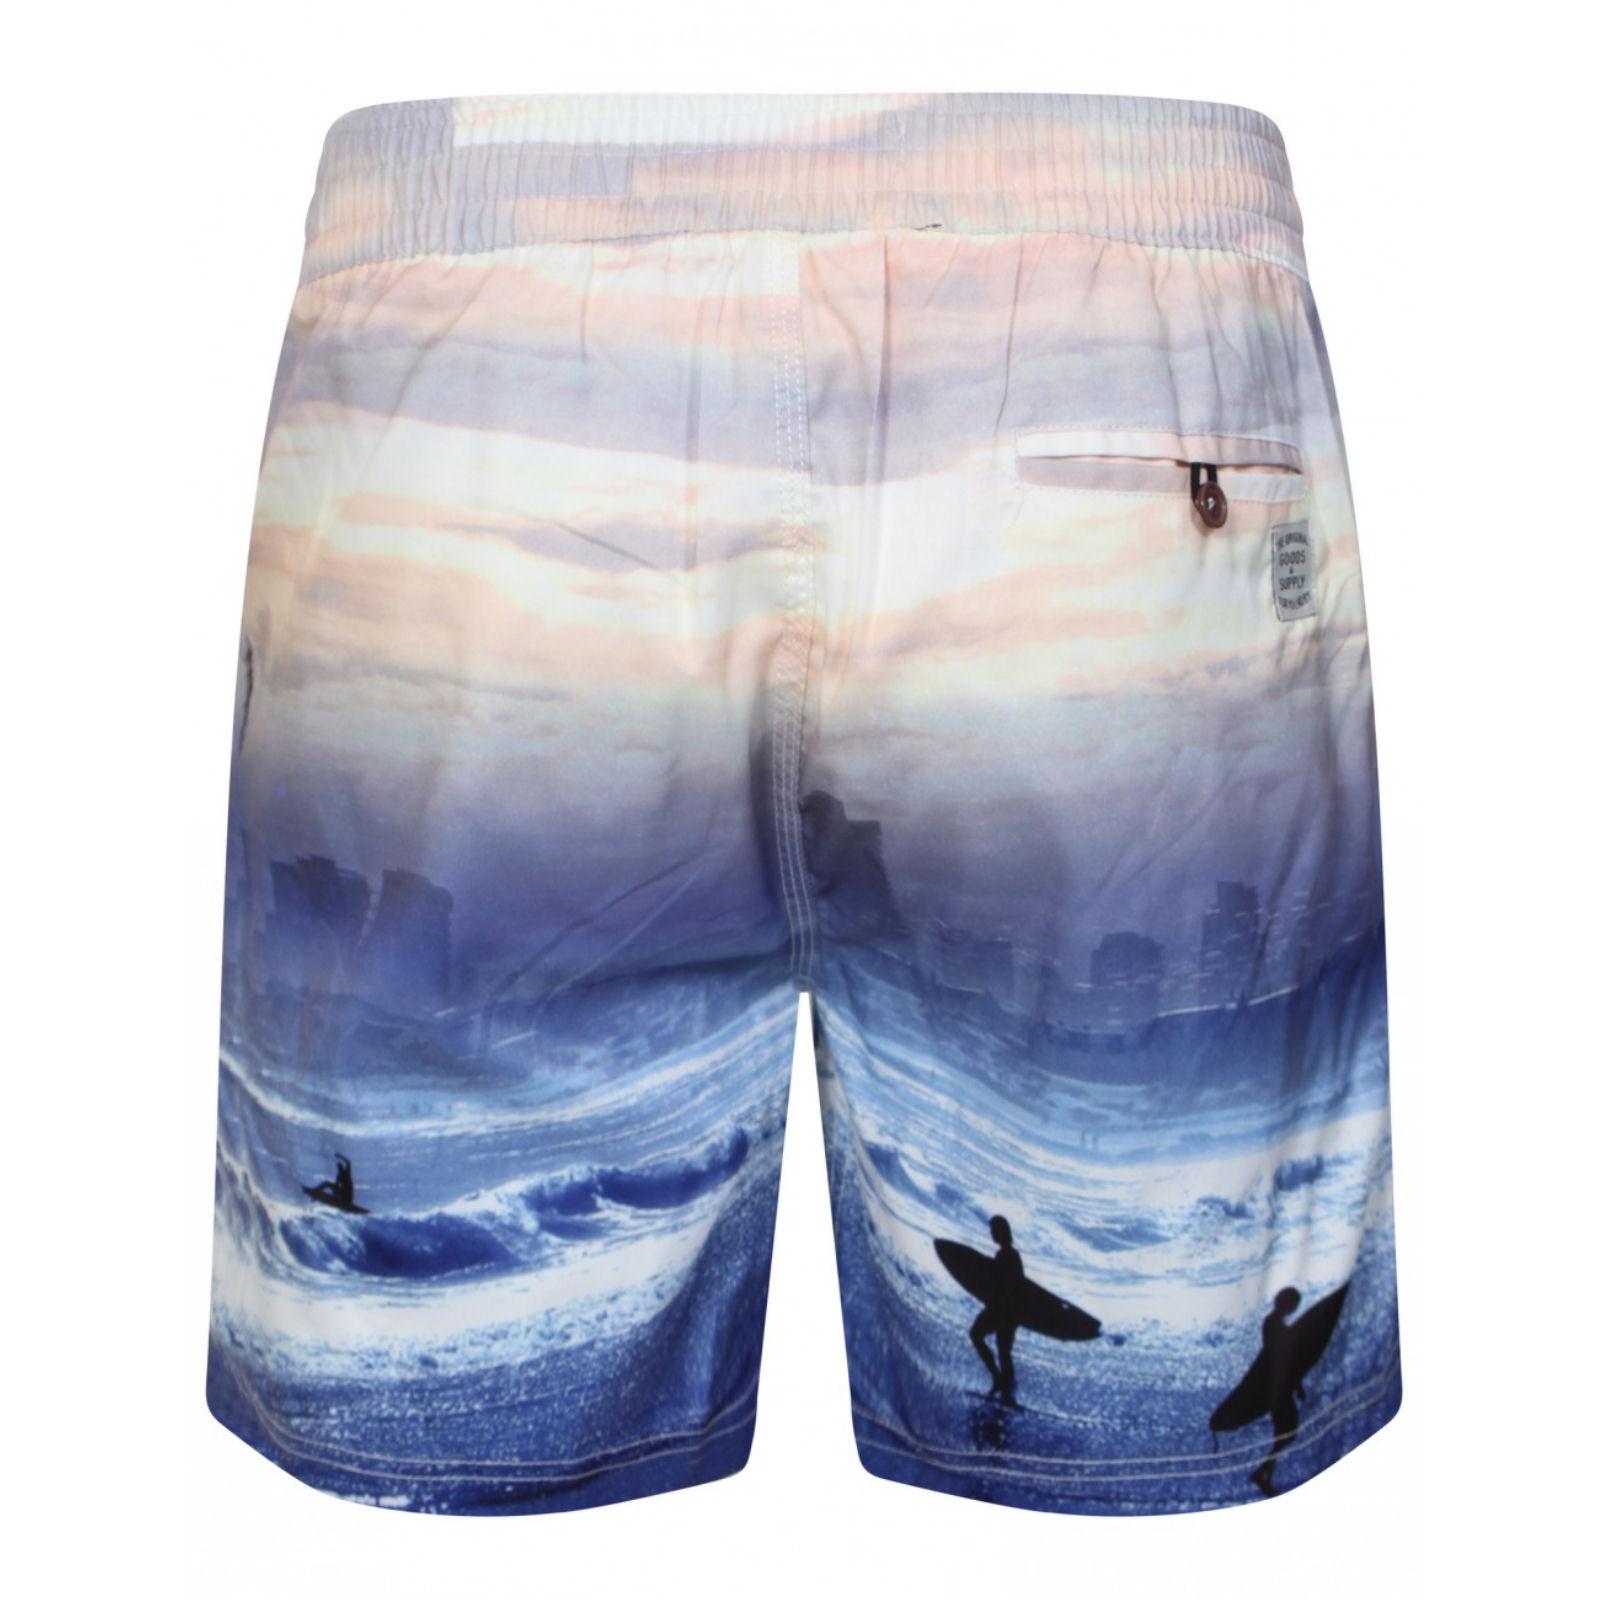 Tokyo Laundry Pantaloncini da uomo eppink Swim Board Costumi da bagno BAULI e Gratuito Infradito